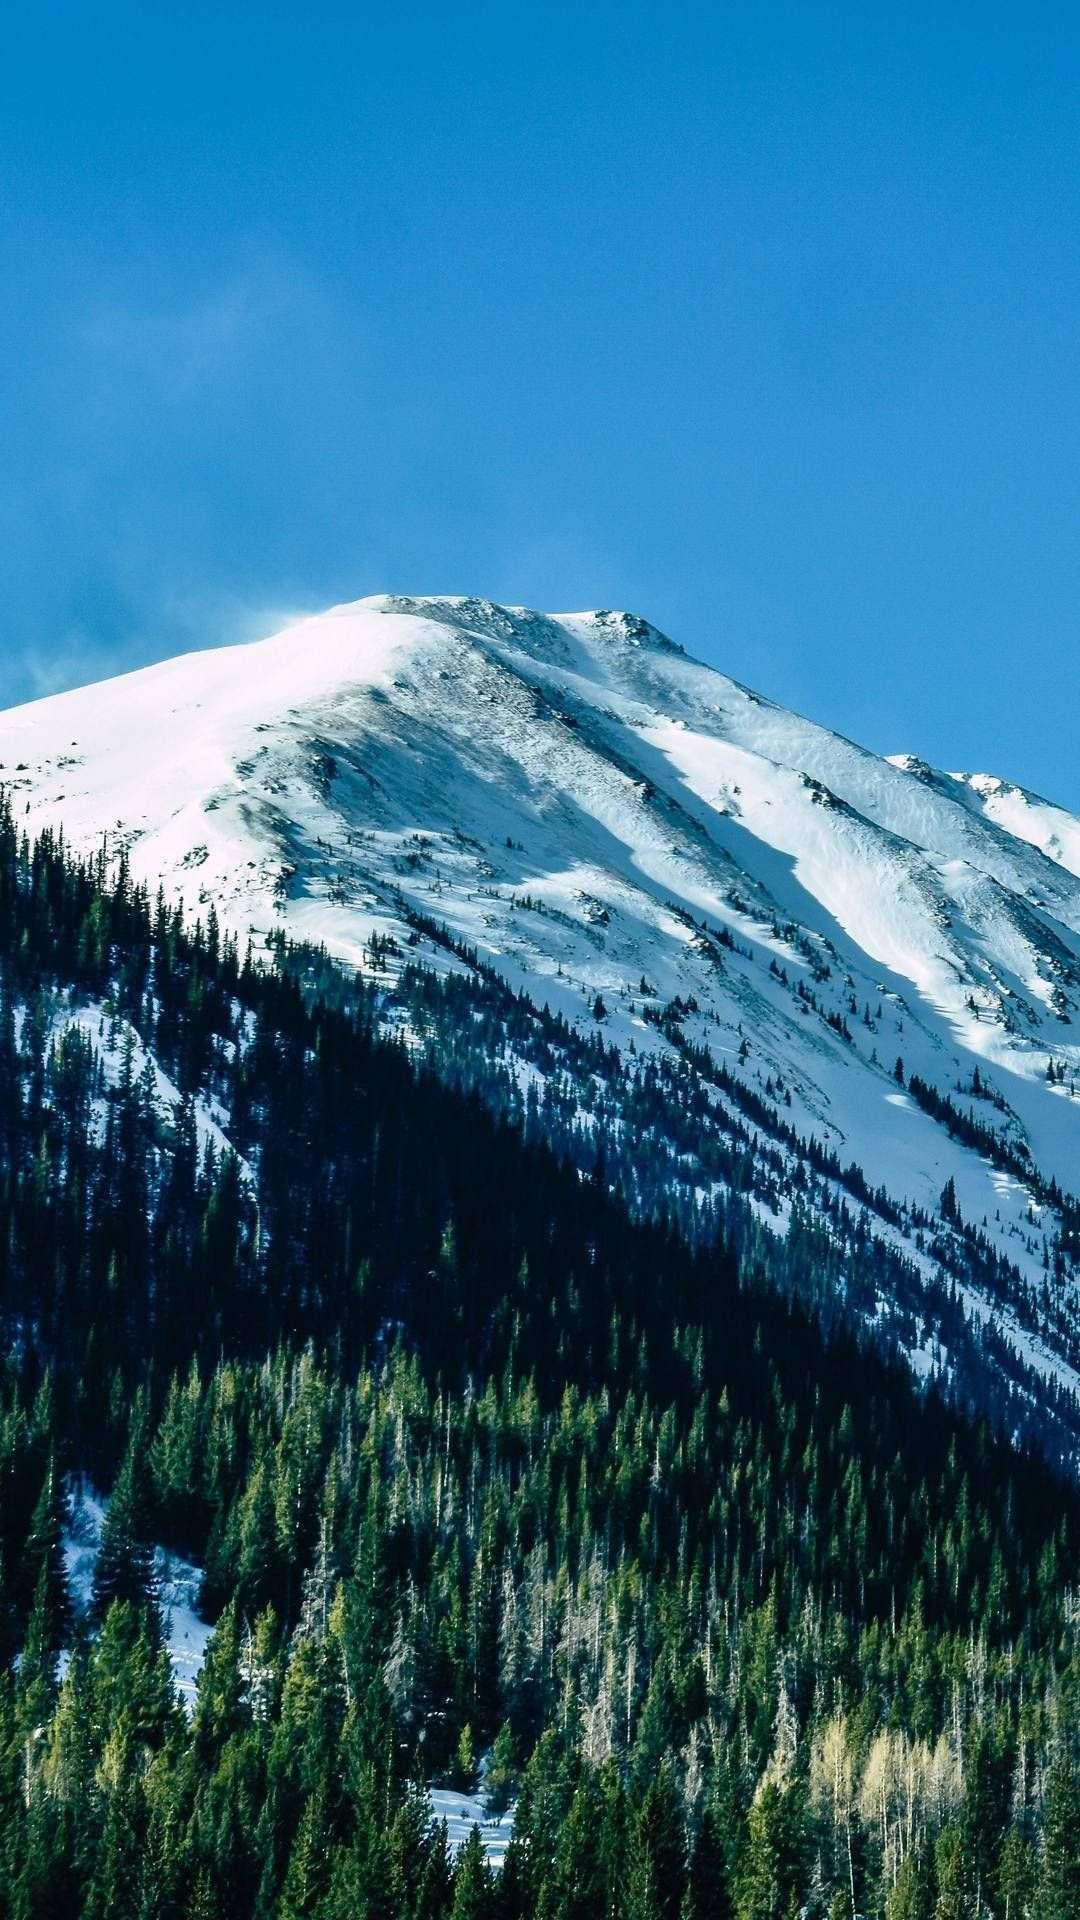 snow capped mountains daylight 5k fk 1080x1920 1 - Pack de Fondos de Pantalla de Montañas